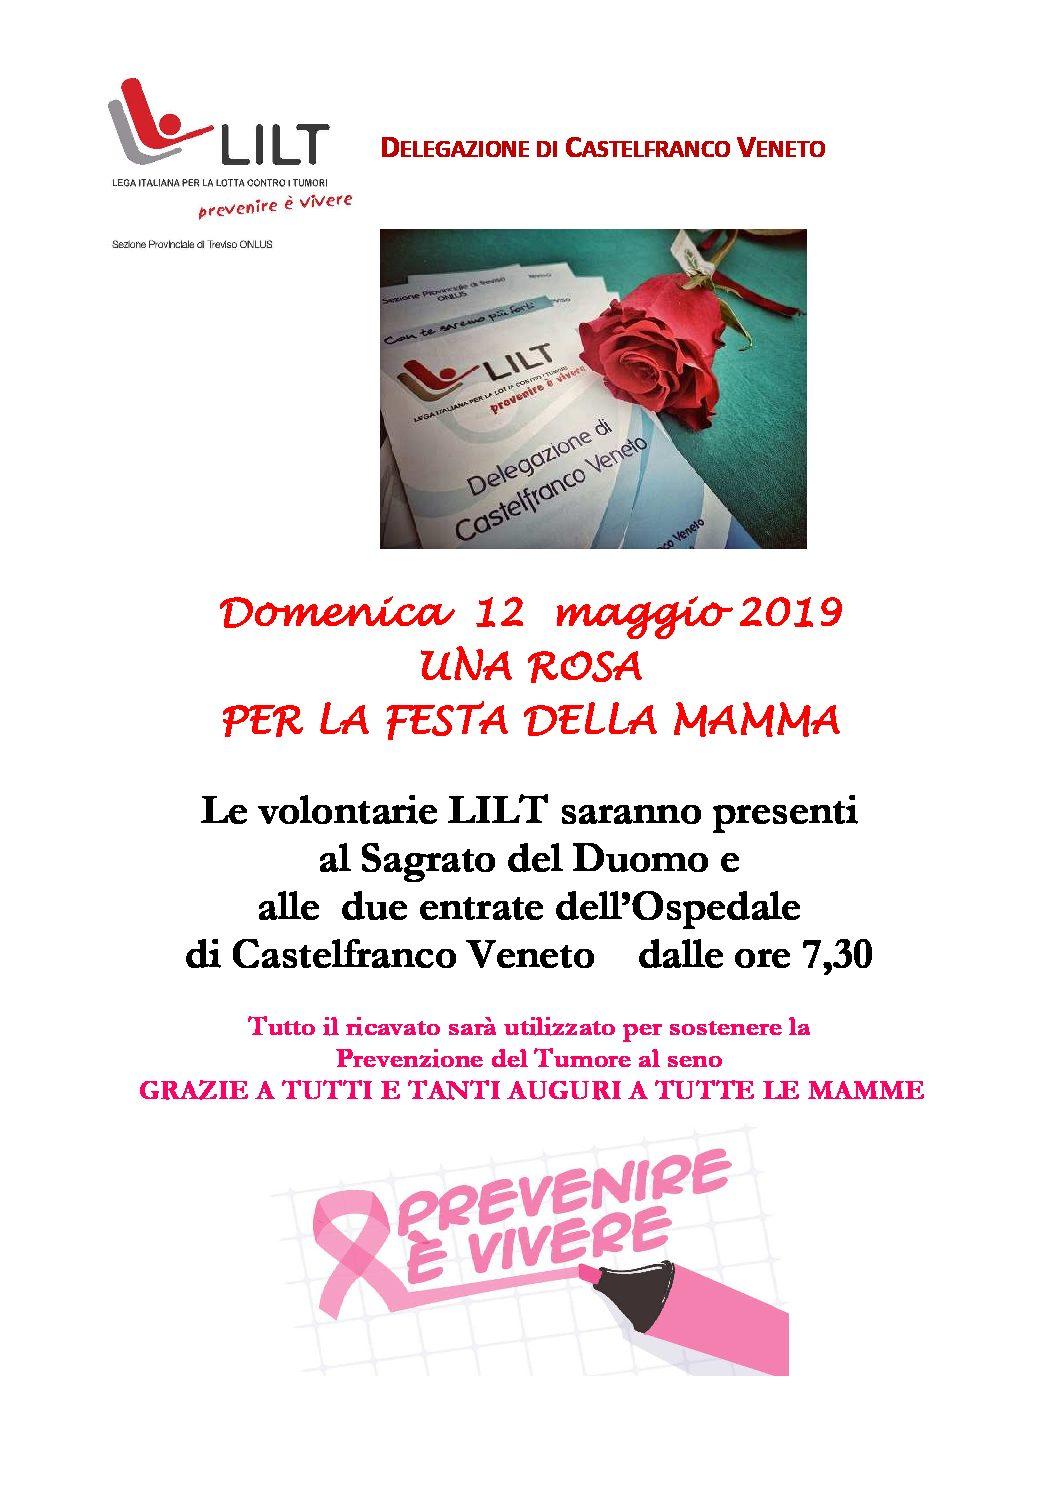 Castelfranco: ancora rose domenica 12 maggio